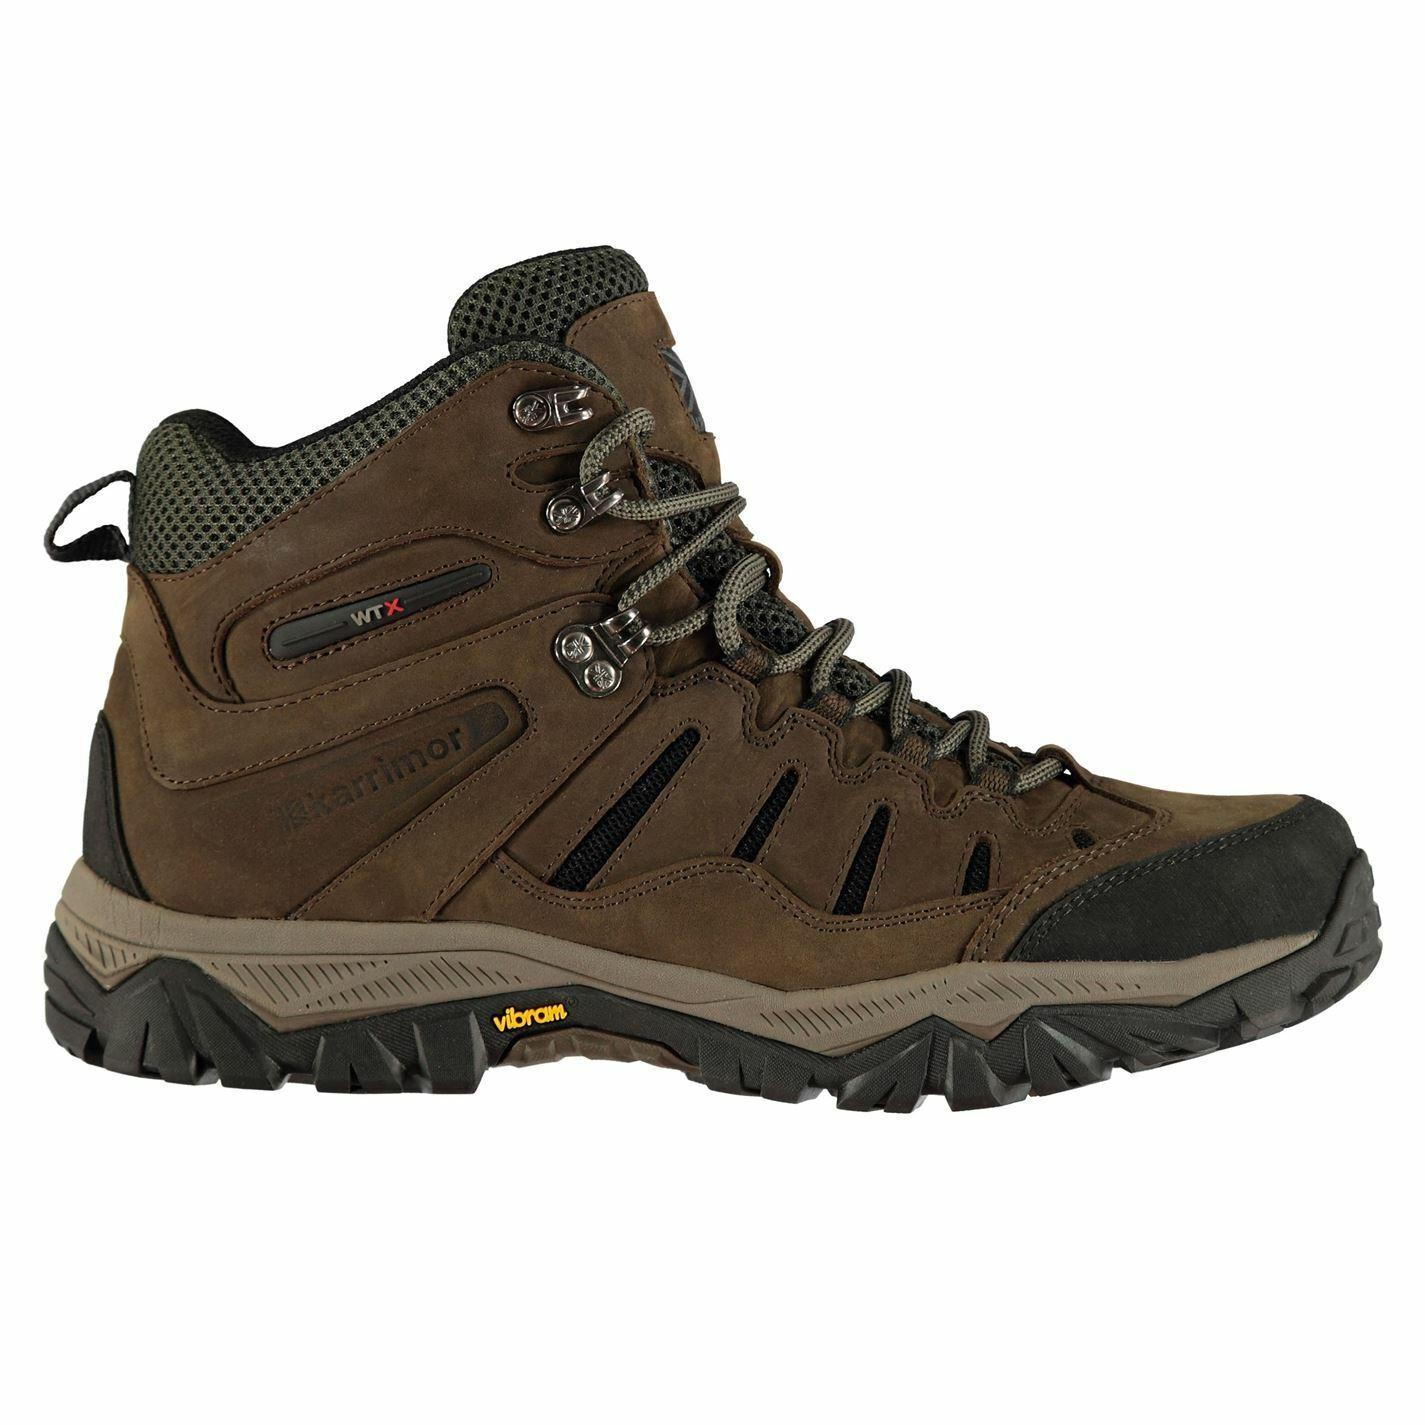 Karrimor Herren Siedoza Mid Wanderschuhe Stiefel Outdoor Trekking Schuhe